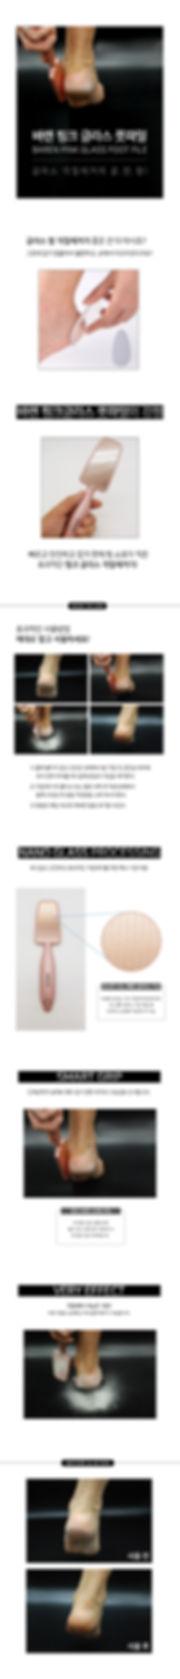 핑크글라스 풋파일 고화질 상세페이지 수정본2차_191015-01.jpg